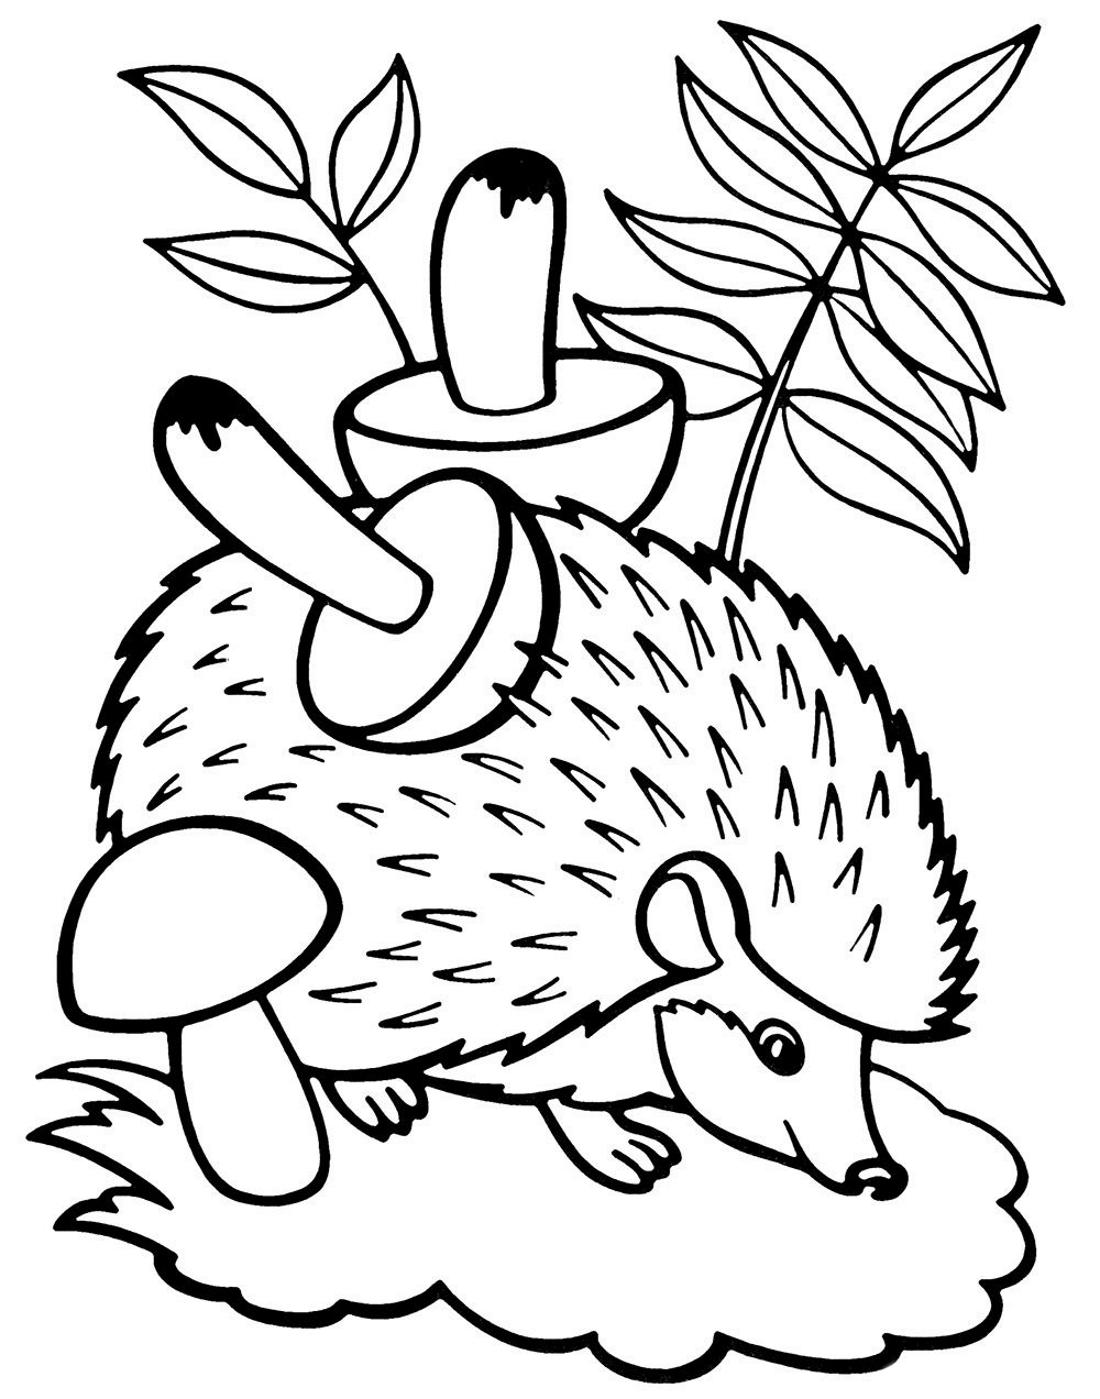 Ежик собрал грибы - раскраска №1157 | Printonic.ru